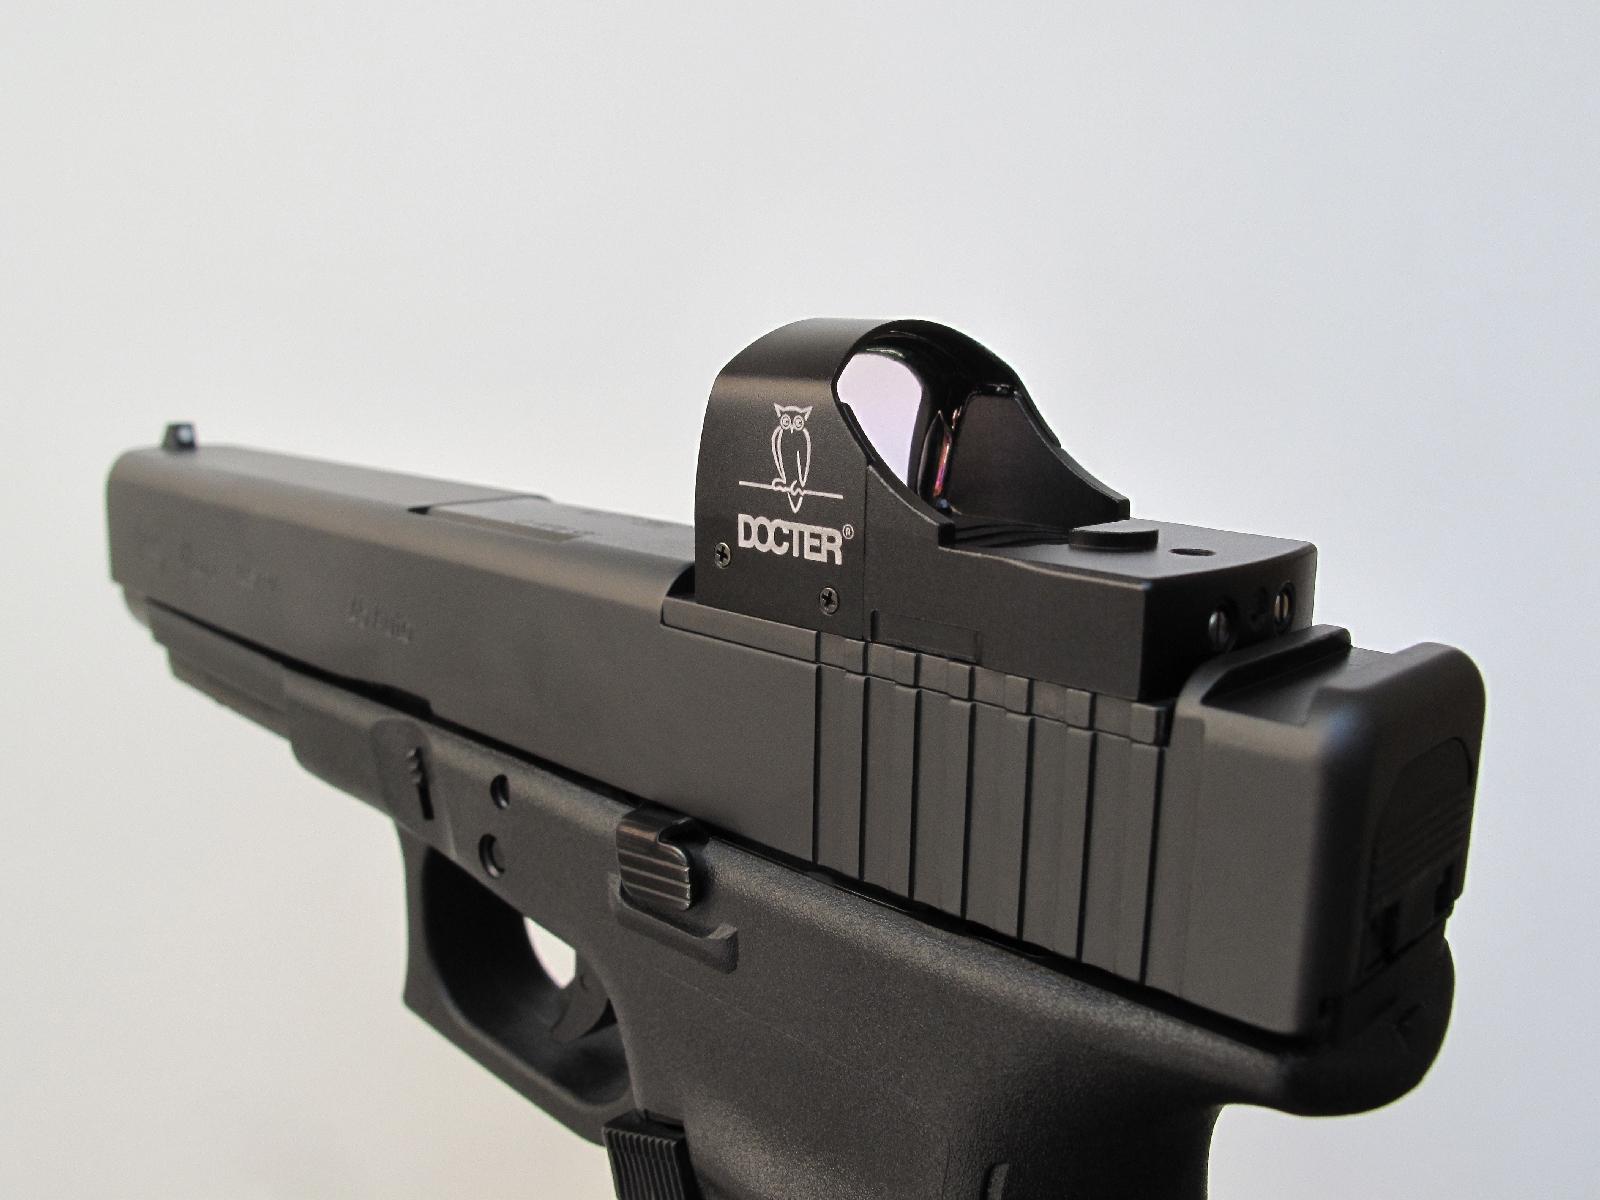 Ce viseur qui ne grossit pas permet très facilement de tirer en gardant les deux yeux ouverts et il sera particulièrement apprécié par les utilisateurs atteints de presbytie du fait que le point rouge se situe sur la même plan focal que la cible.